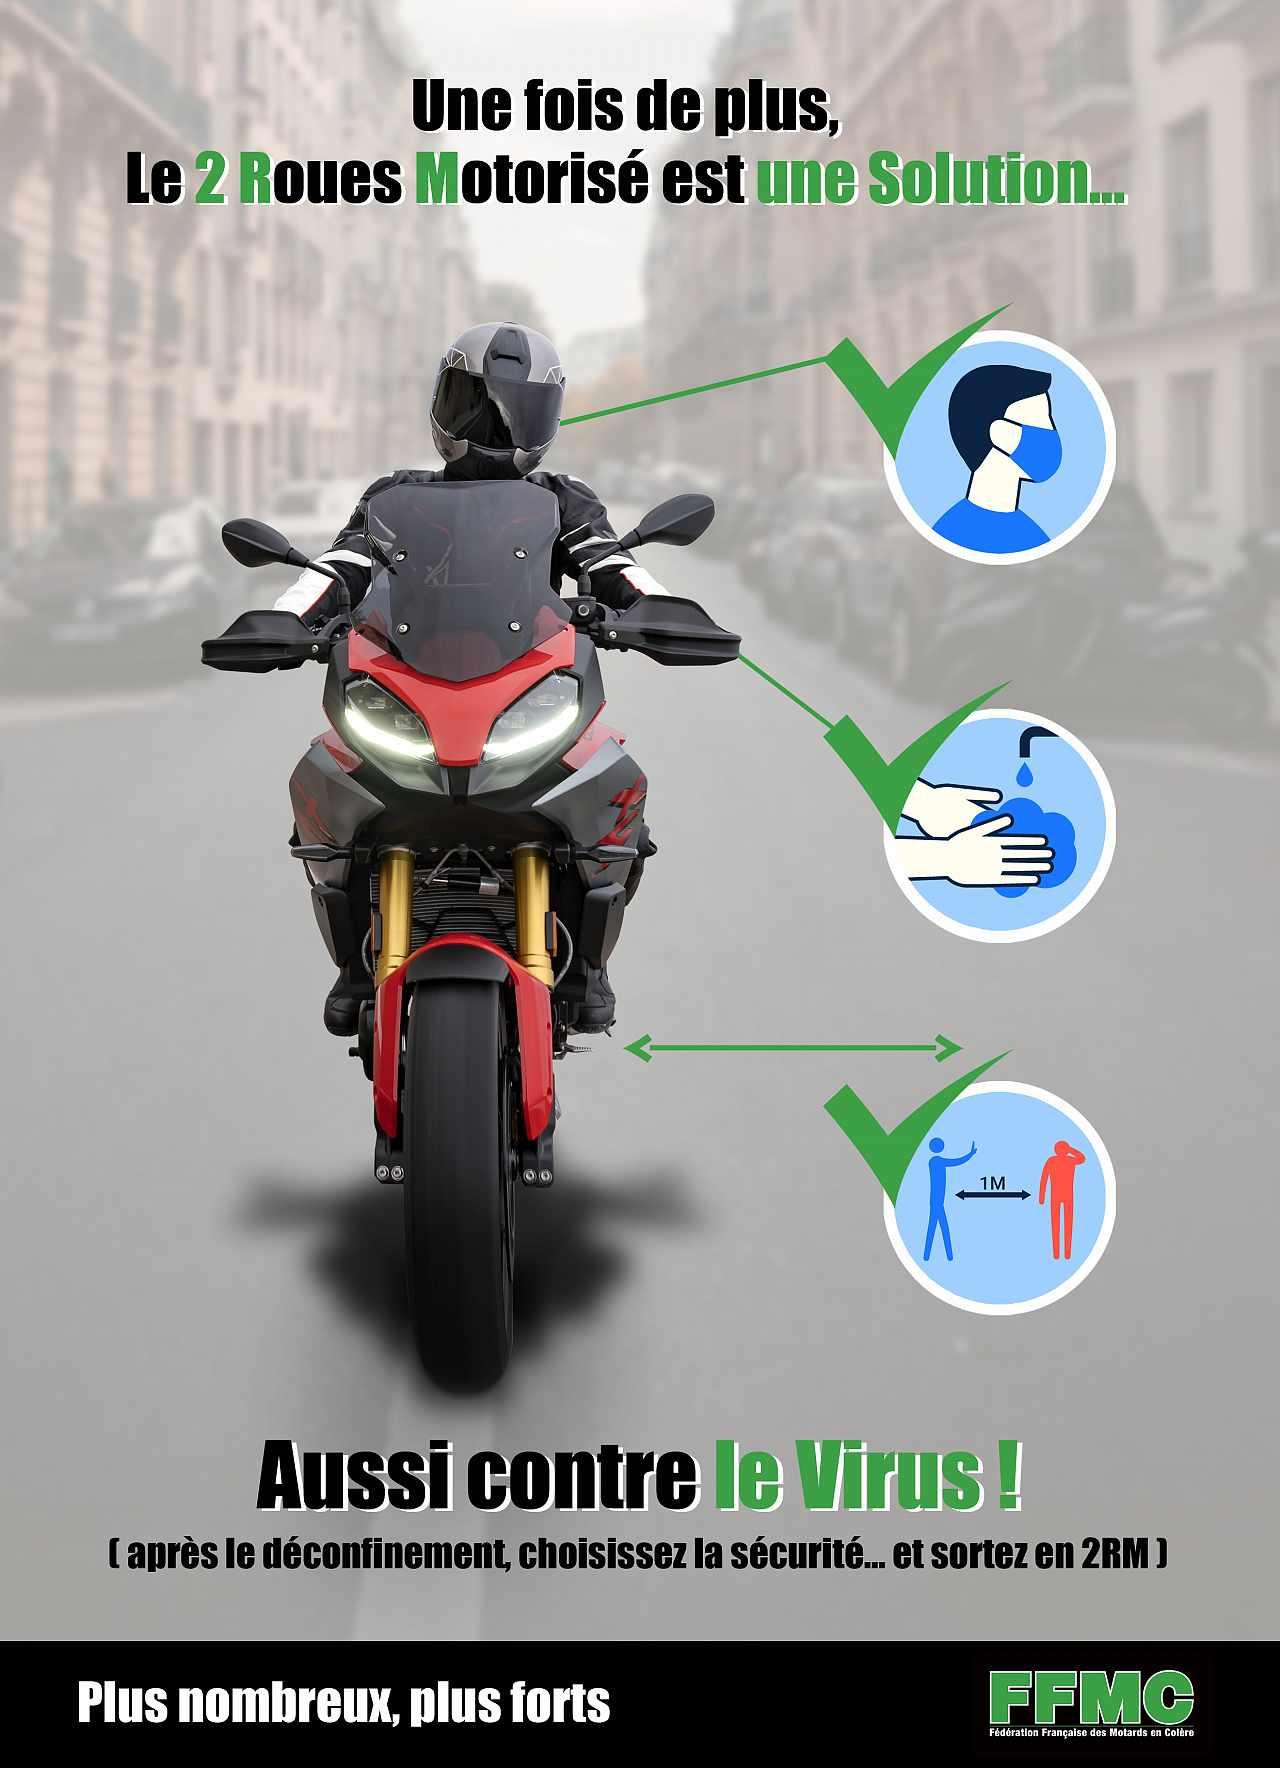 Le 2 roues motorisé, une solution  aussi contre le virus